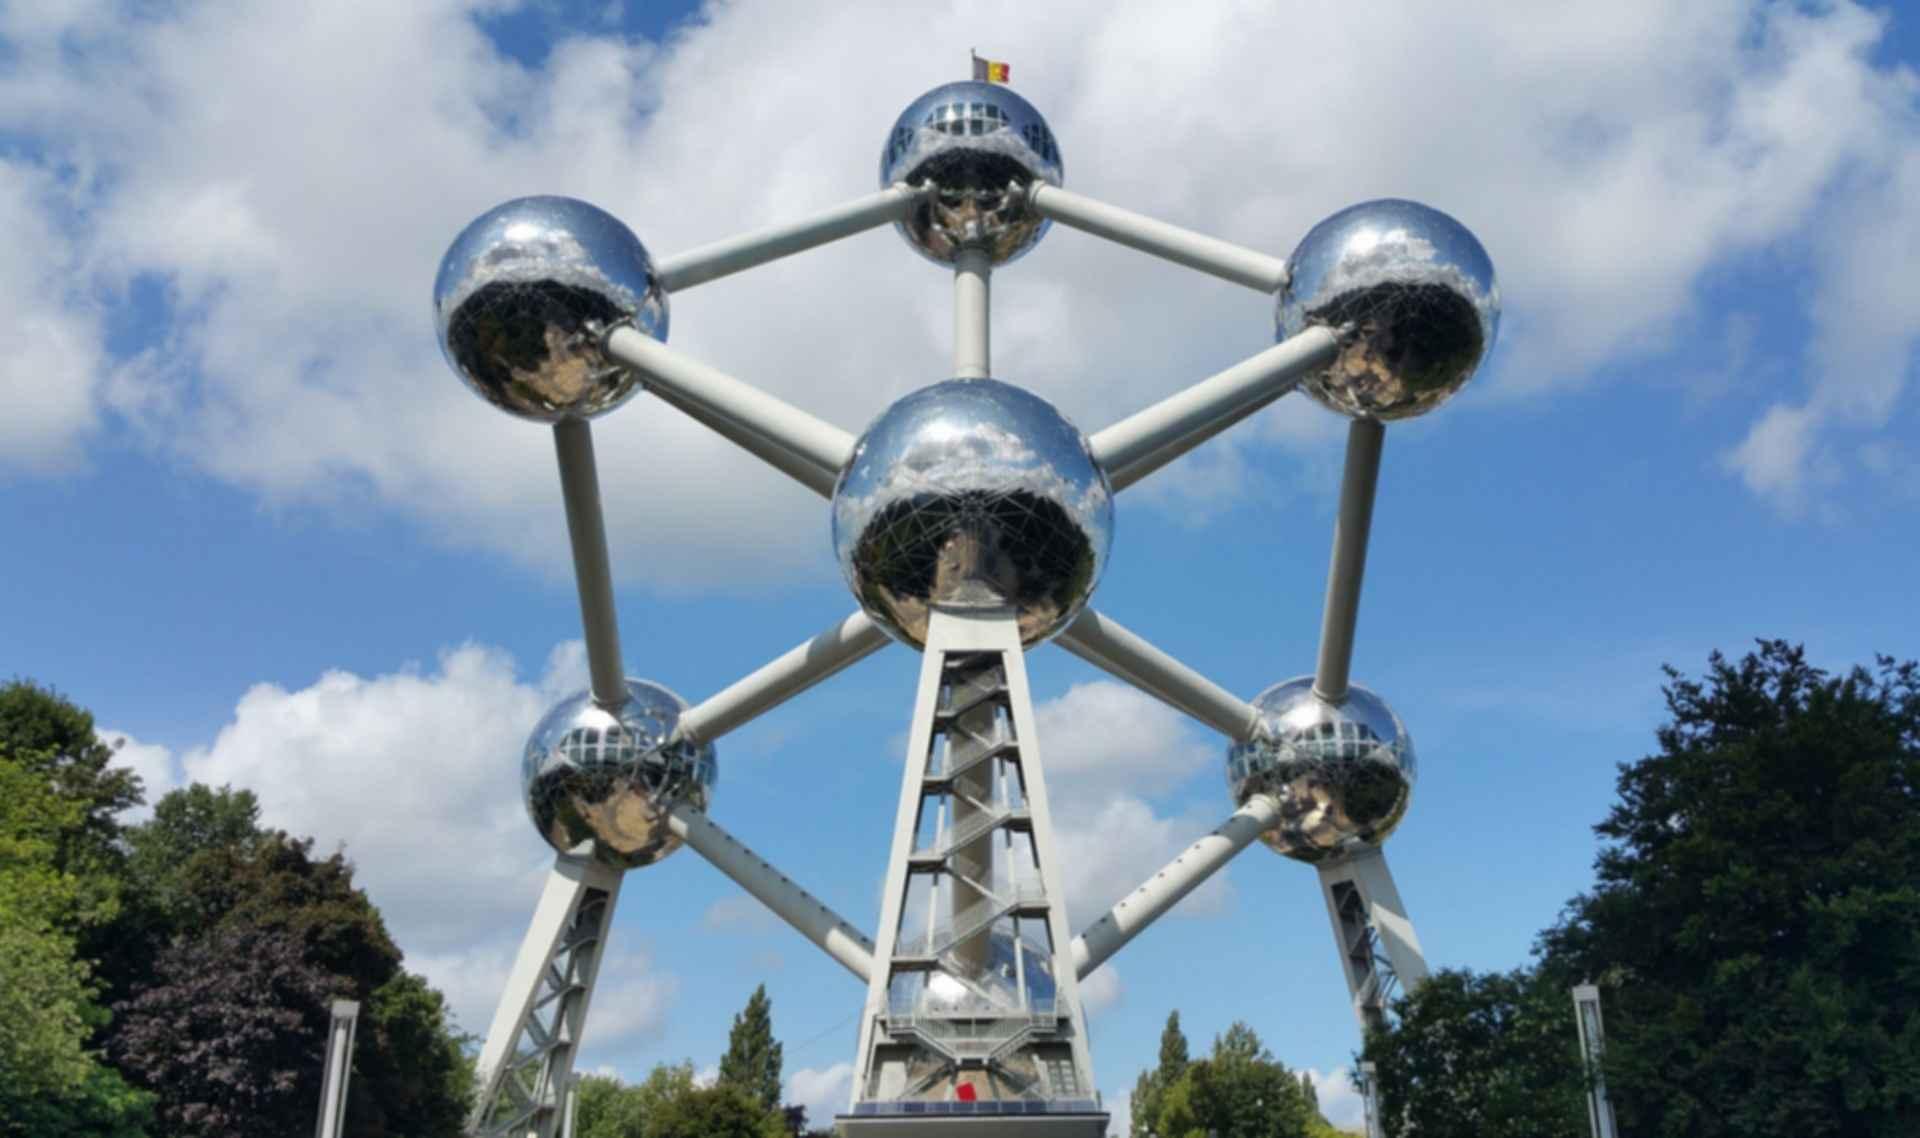 The Atomium - Structure